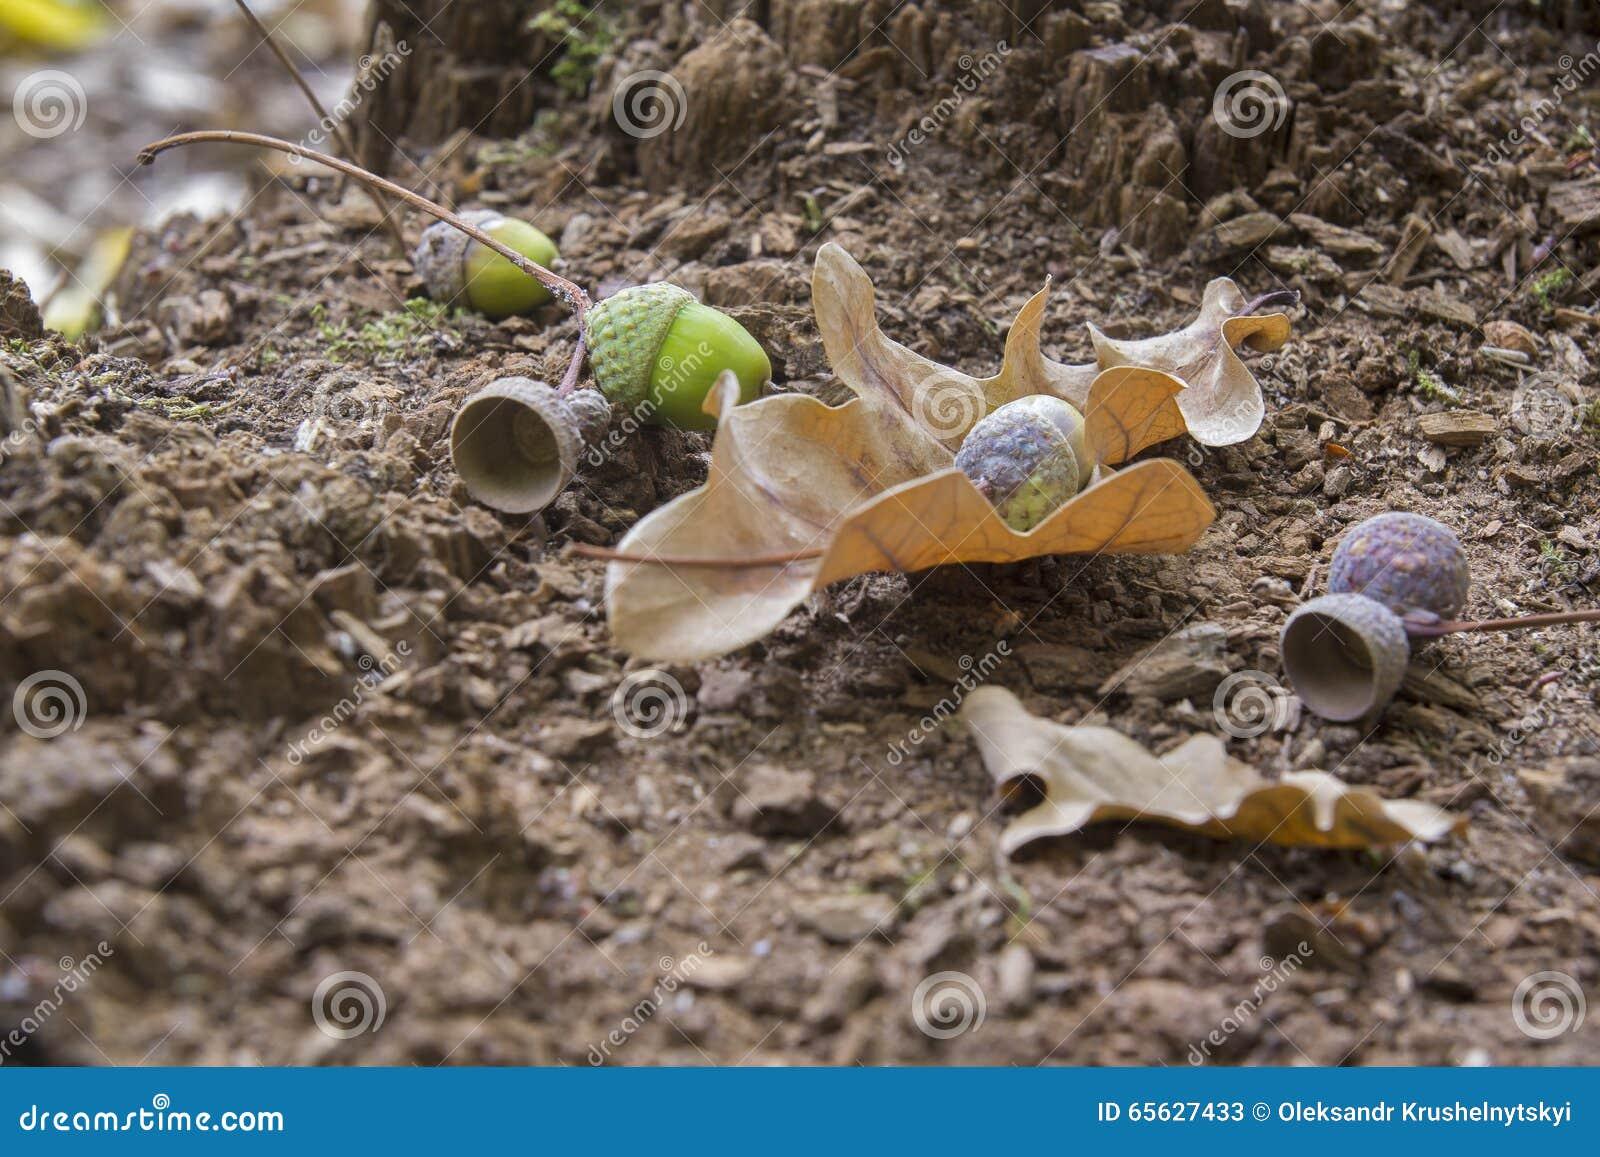 Feuilles et glands en bois de chêne Plan rapproché